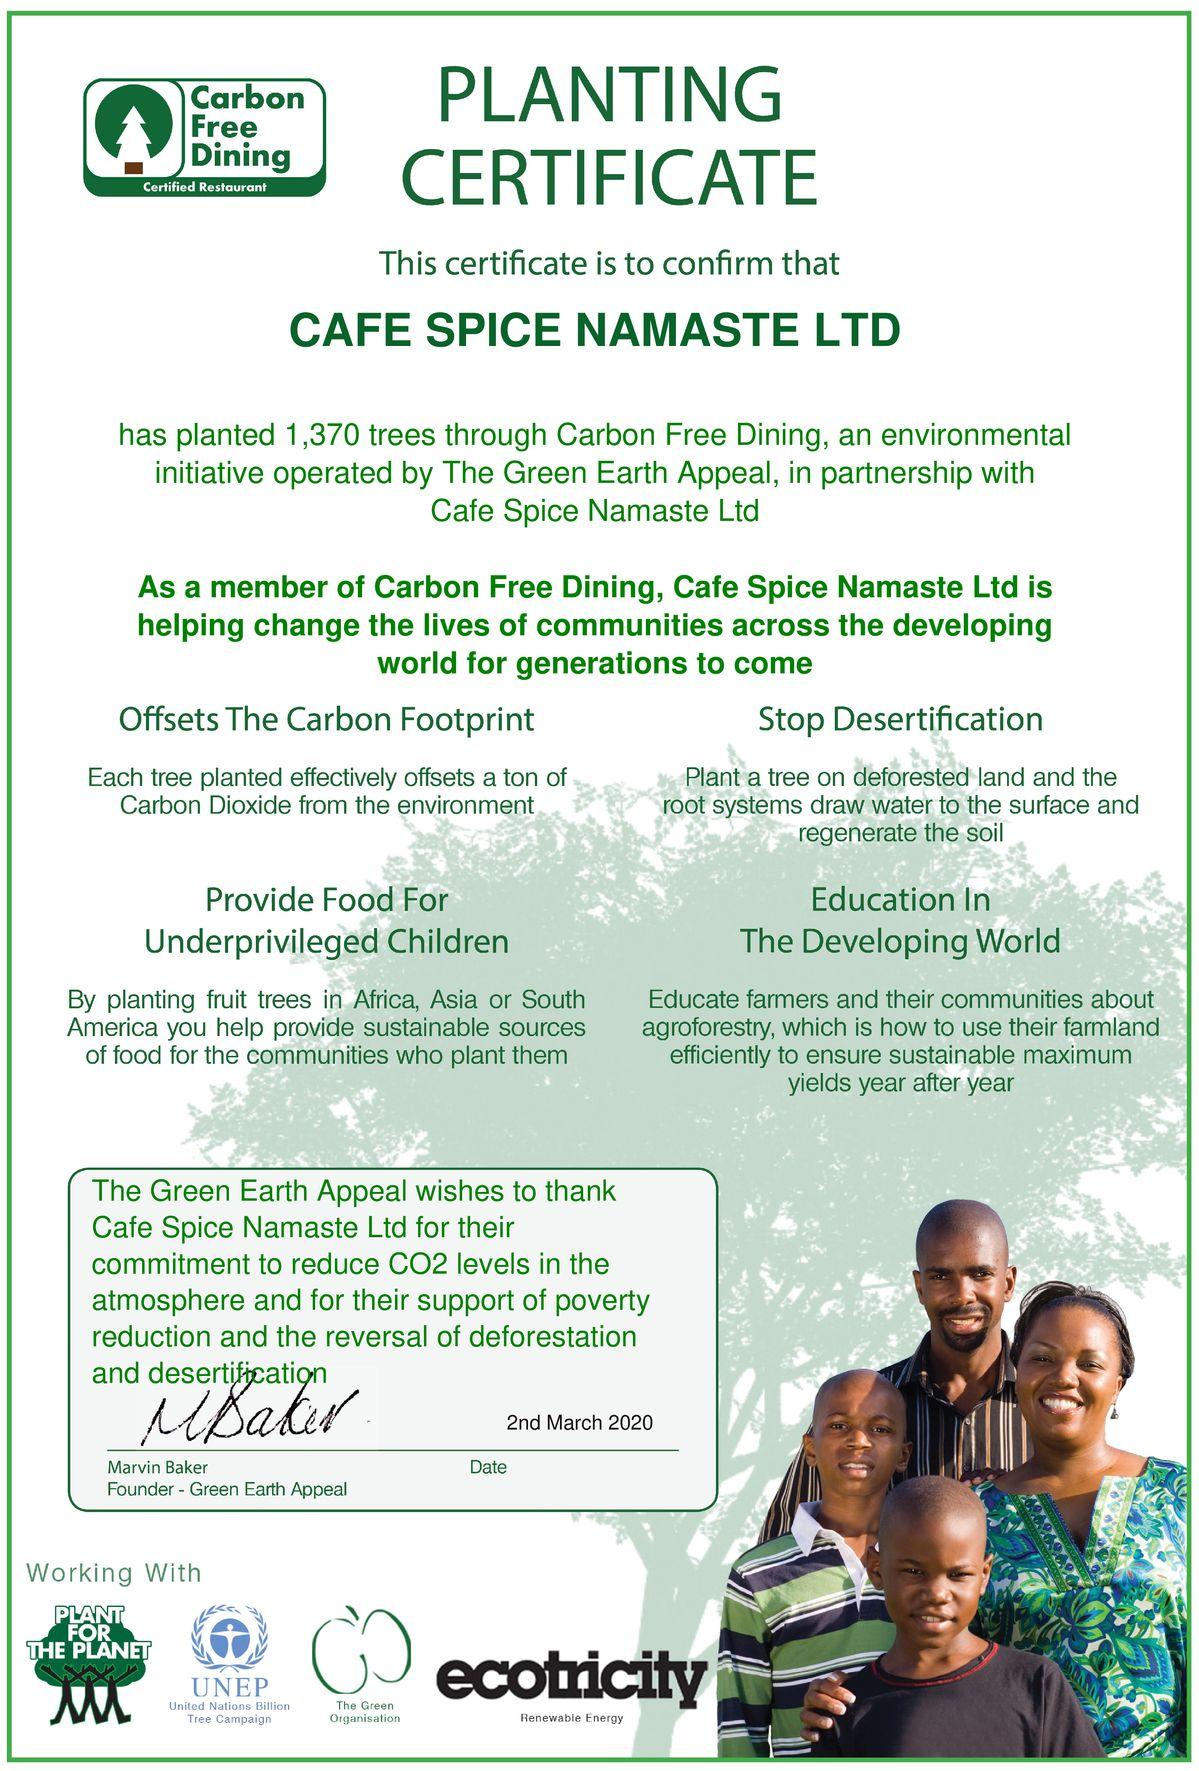 Cyrus Todiwala Cafe Spice Namaste